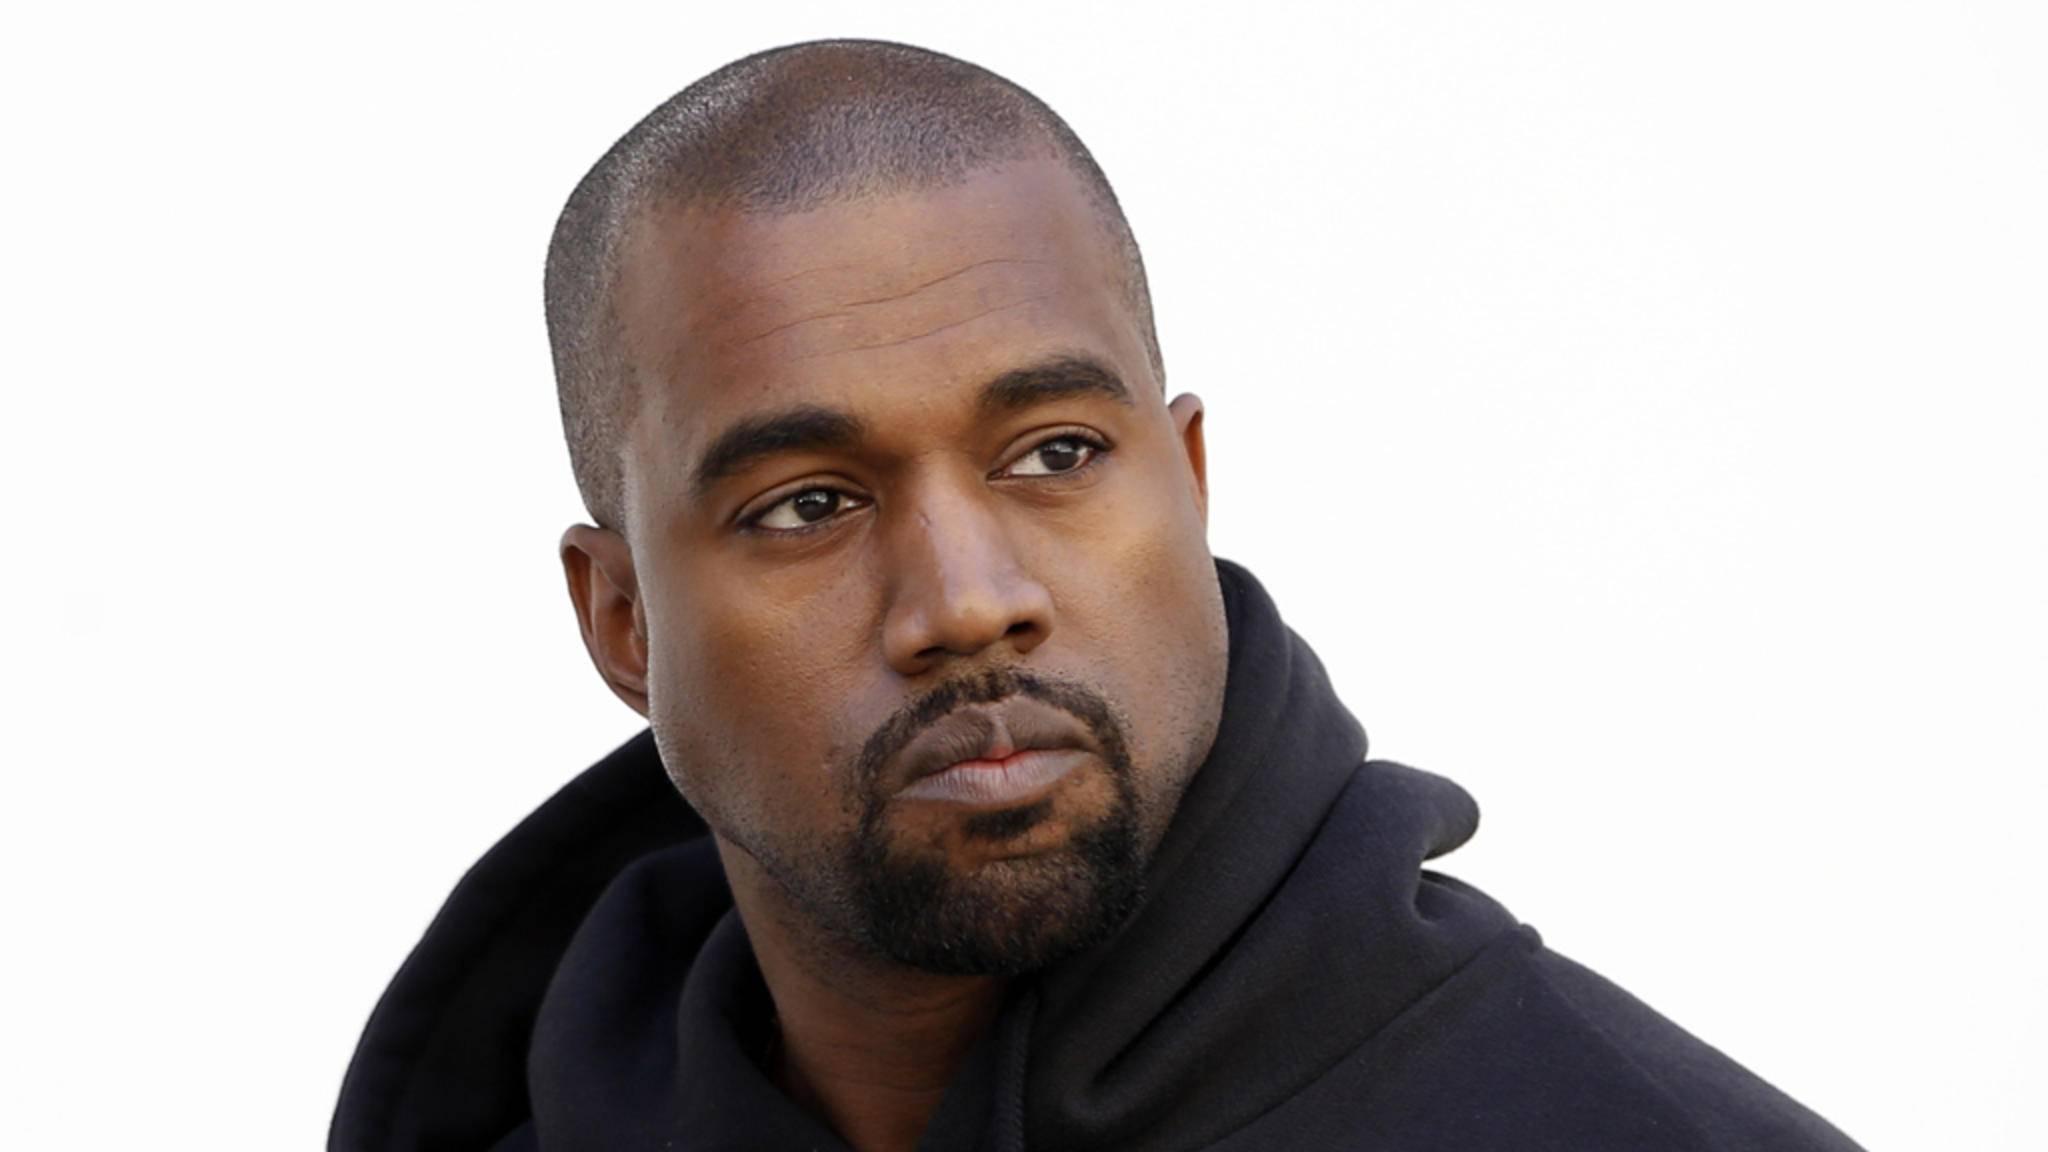 Fans von Kanye West sollen sich gegenseitig so sehr lieben, wie der Rapper sich selbst, heißt es in Medienberichten.